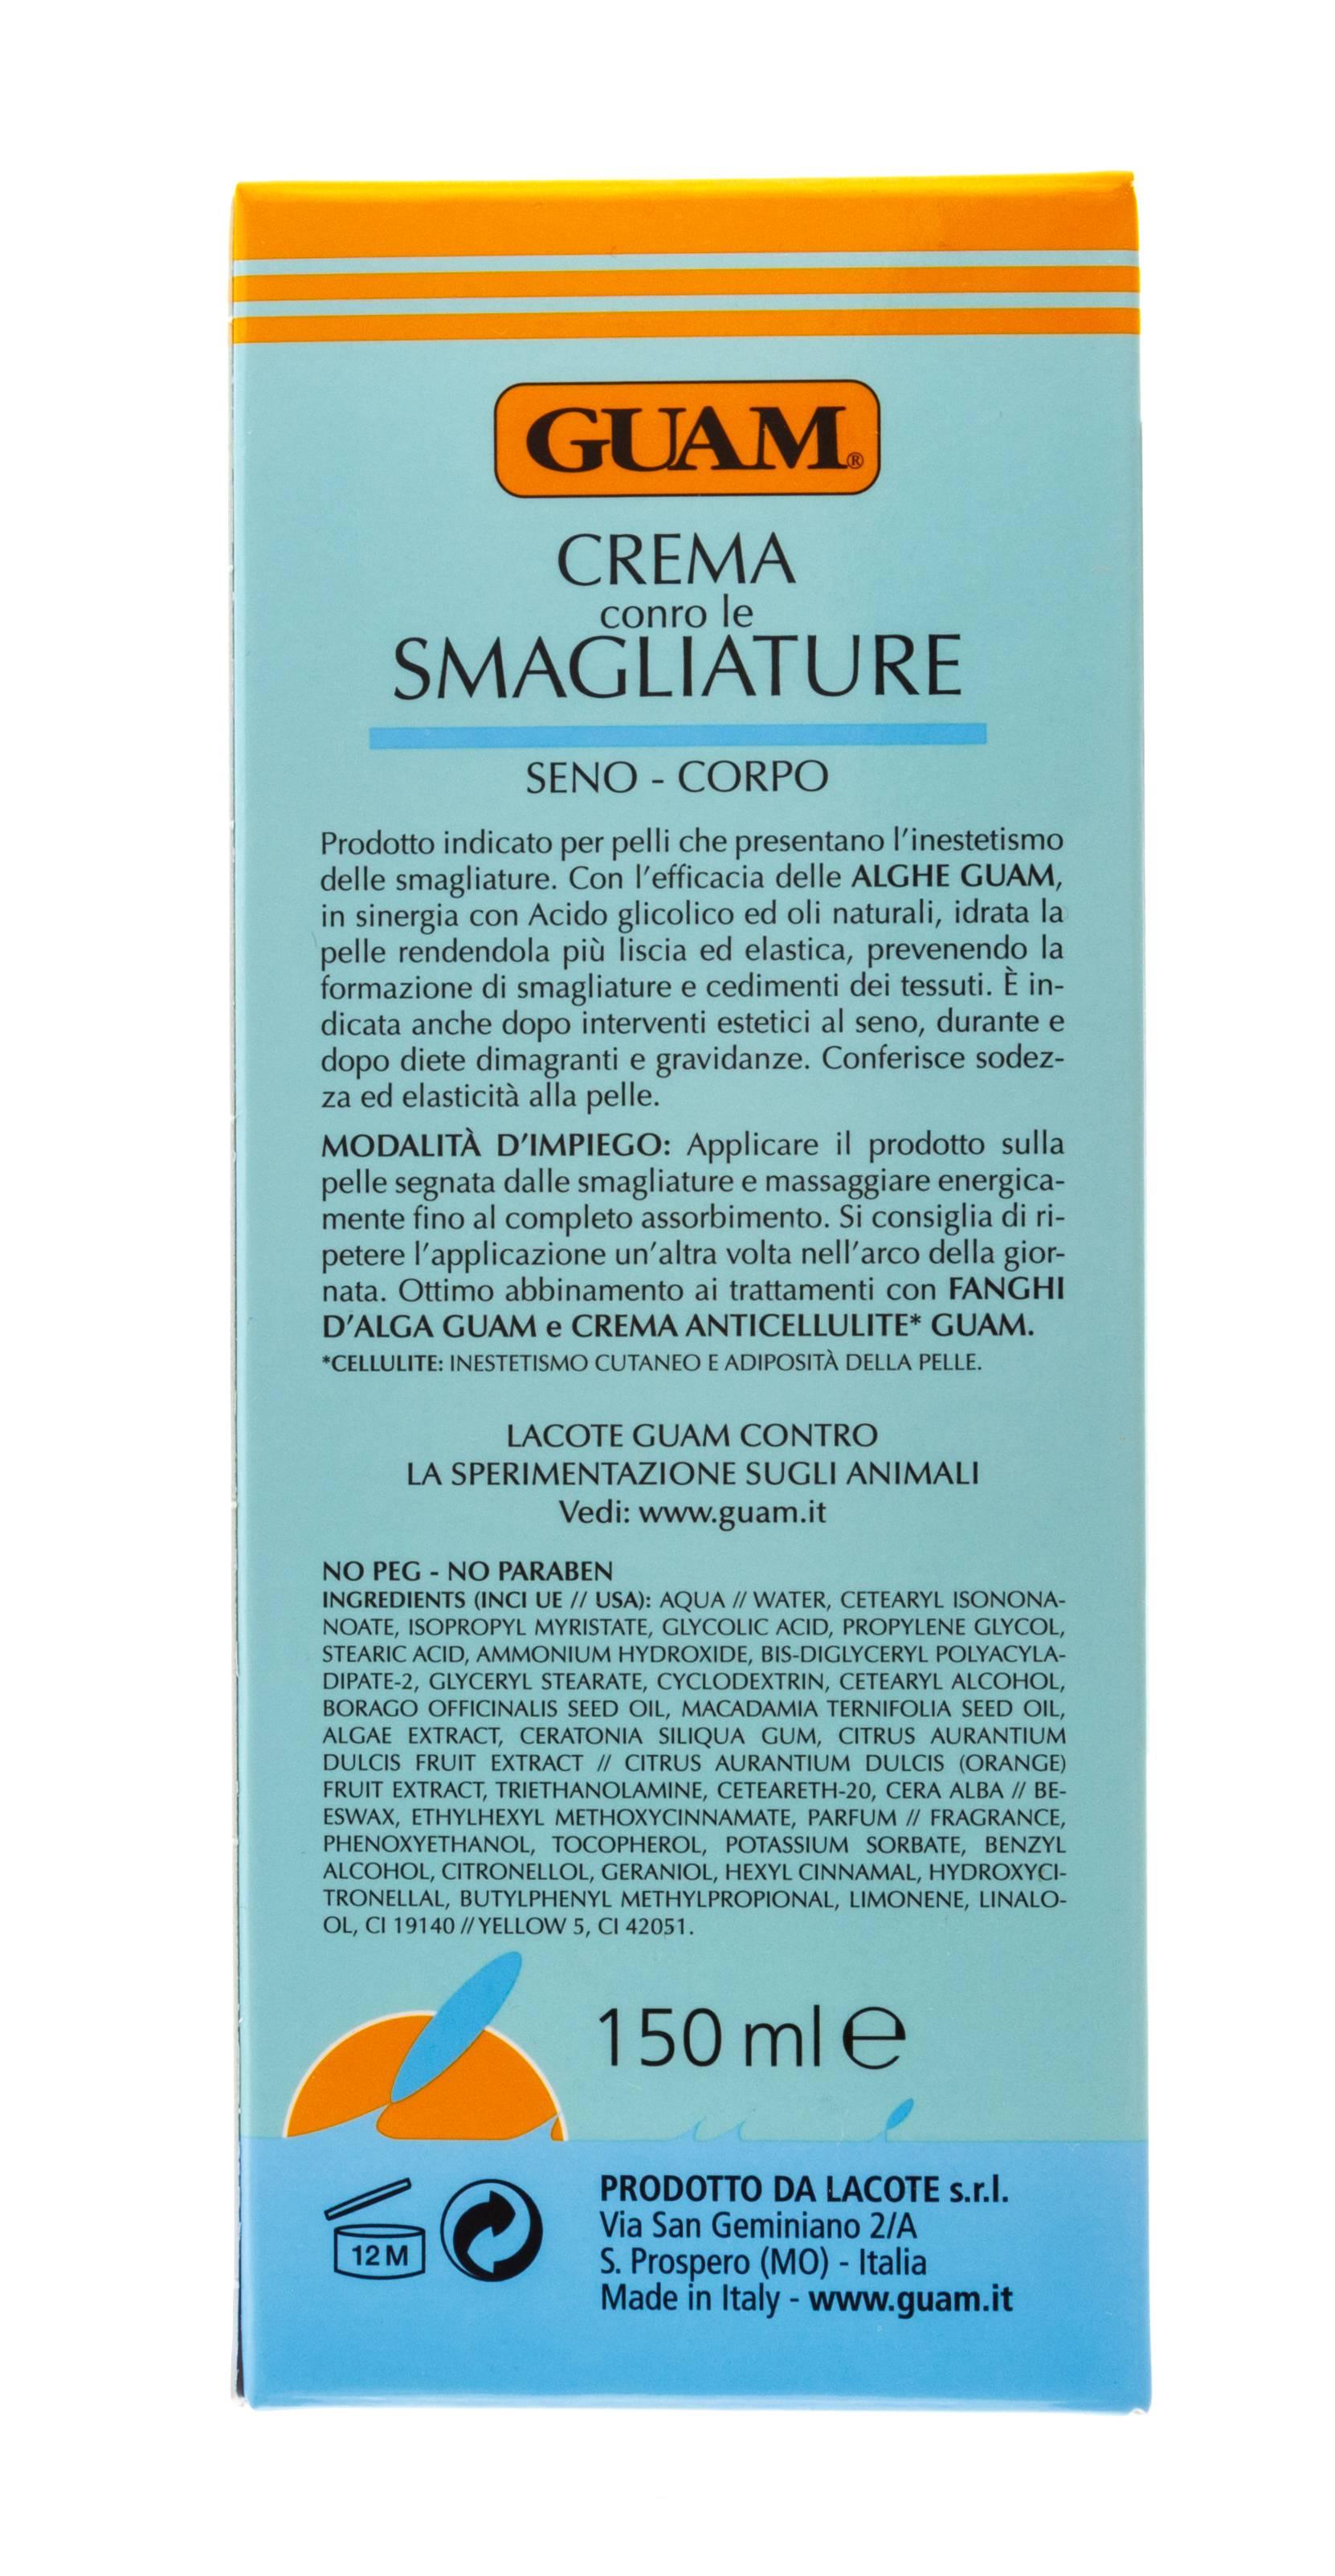 Крем guam от растяжек с гликолиевой кислотой: состав, описание и отзывы